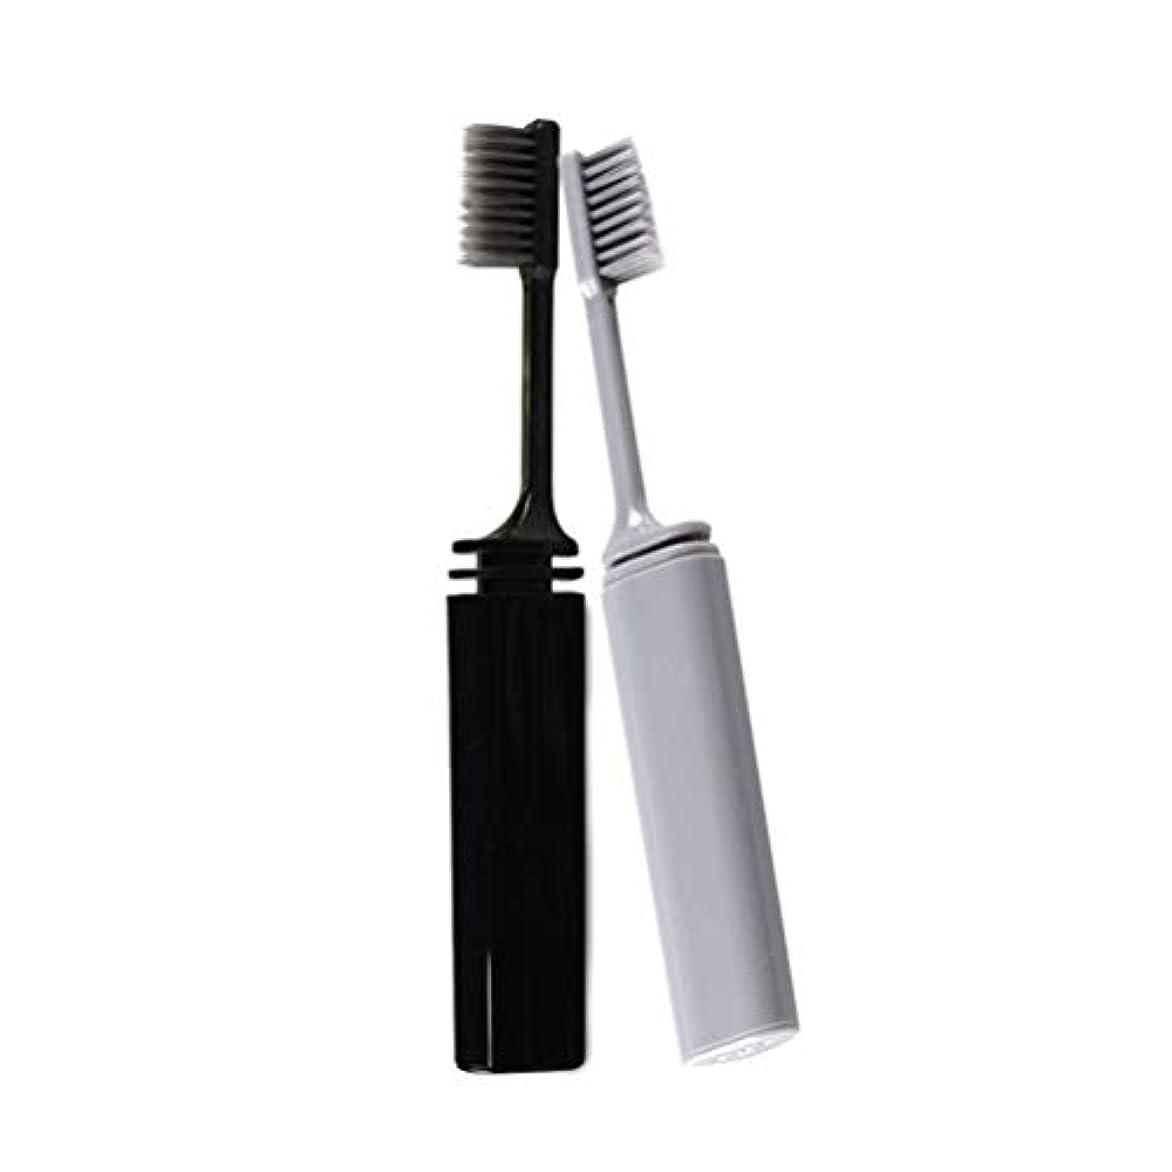 Healifty 2ピースポータブル旅行歯ブラシ折りたたみ竹炭剛毛歯ブラシ用オフィスホームホテルゲスト